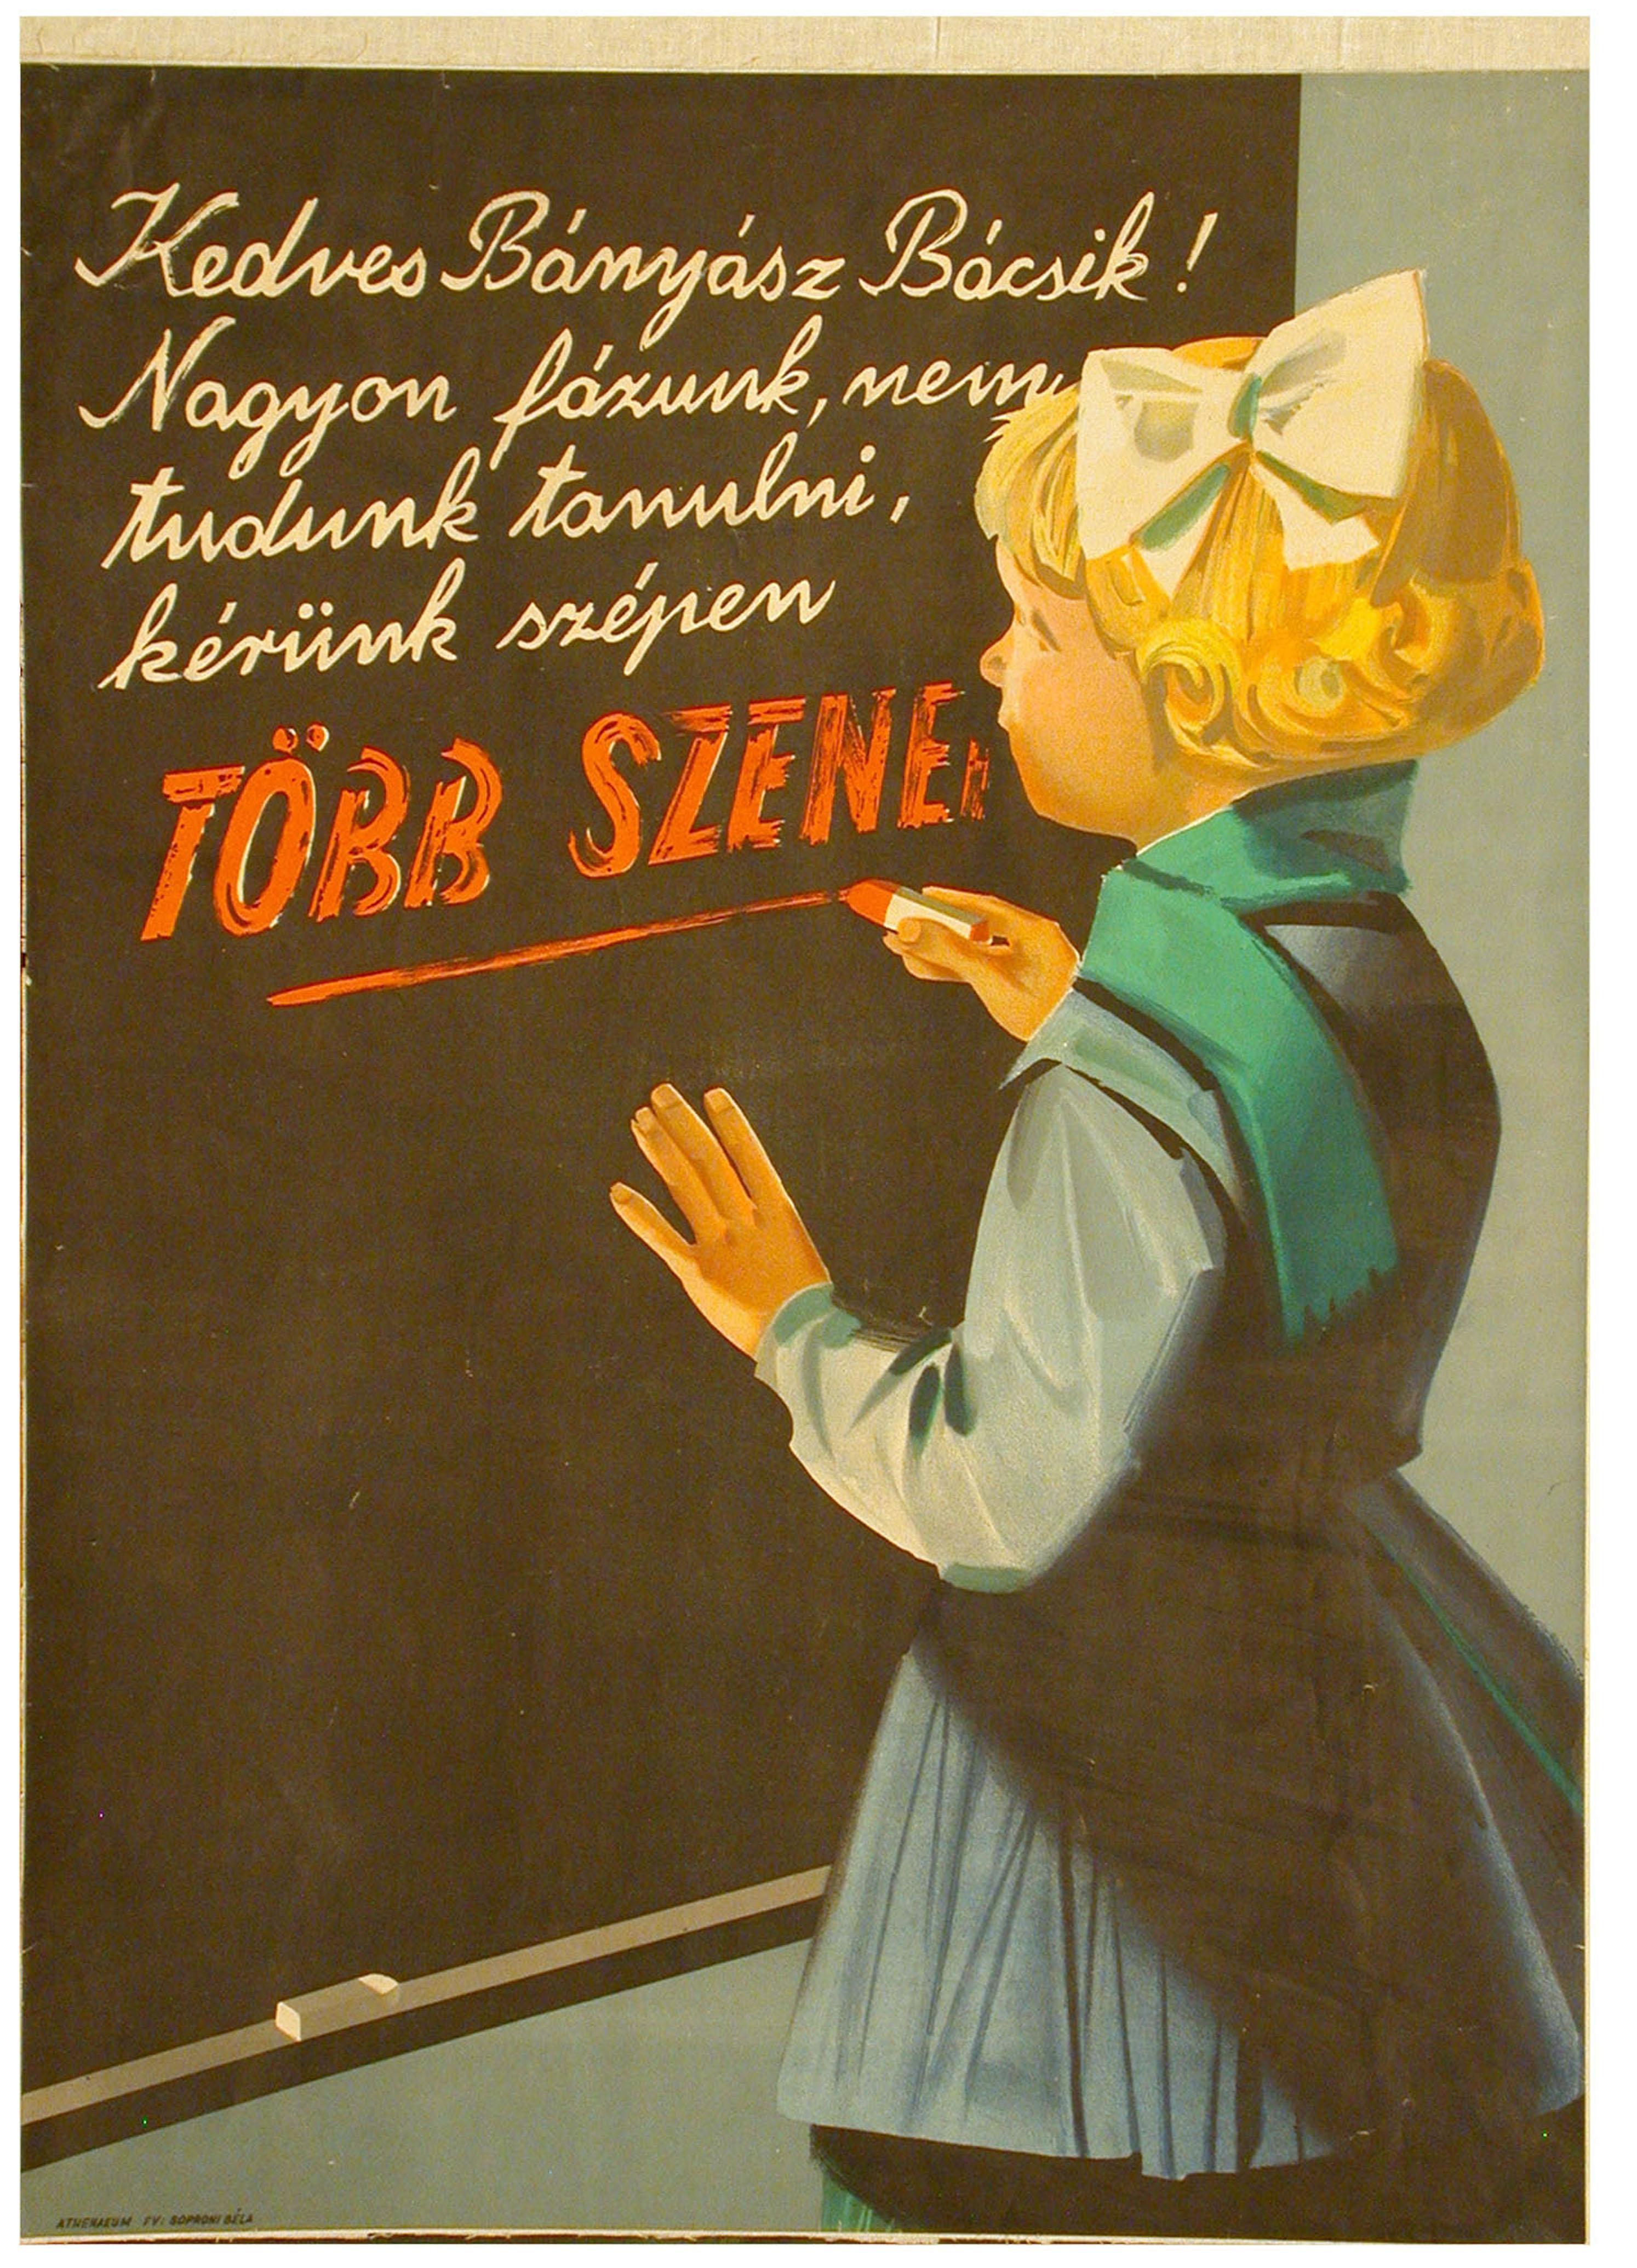 088_tobb_szenet_cimu_orszagosan_terjesztett_plakat_1957.jpg